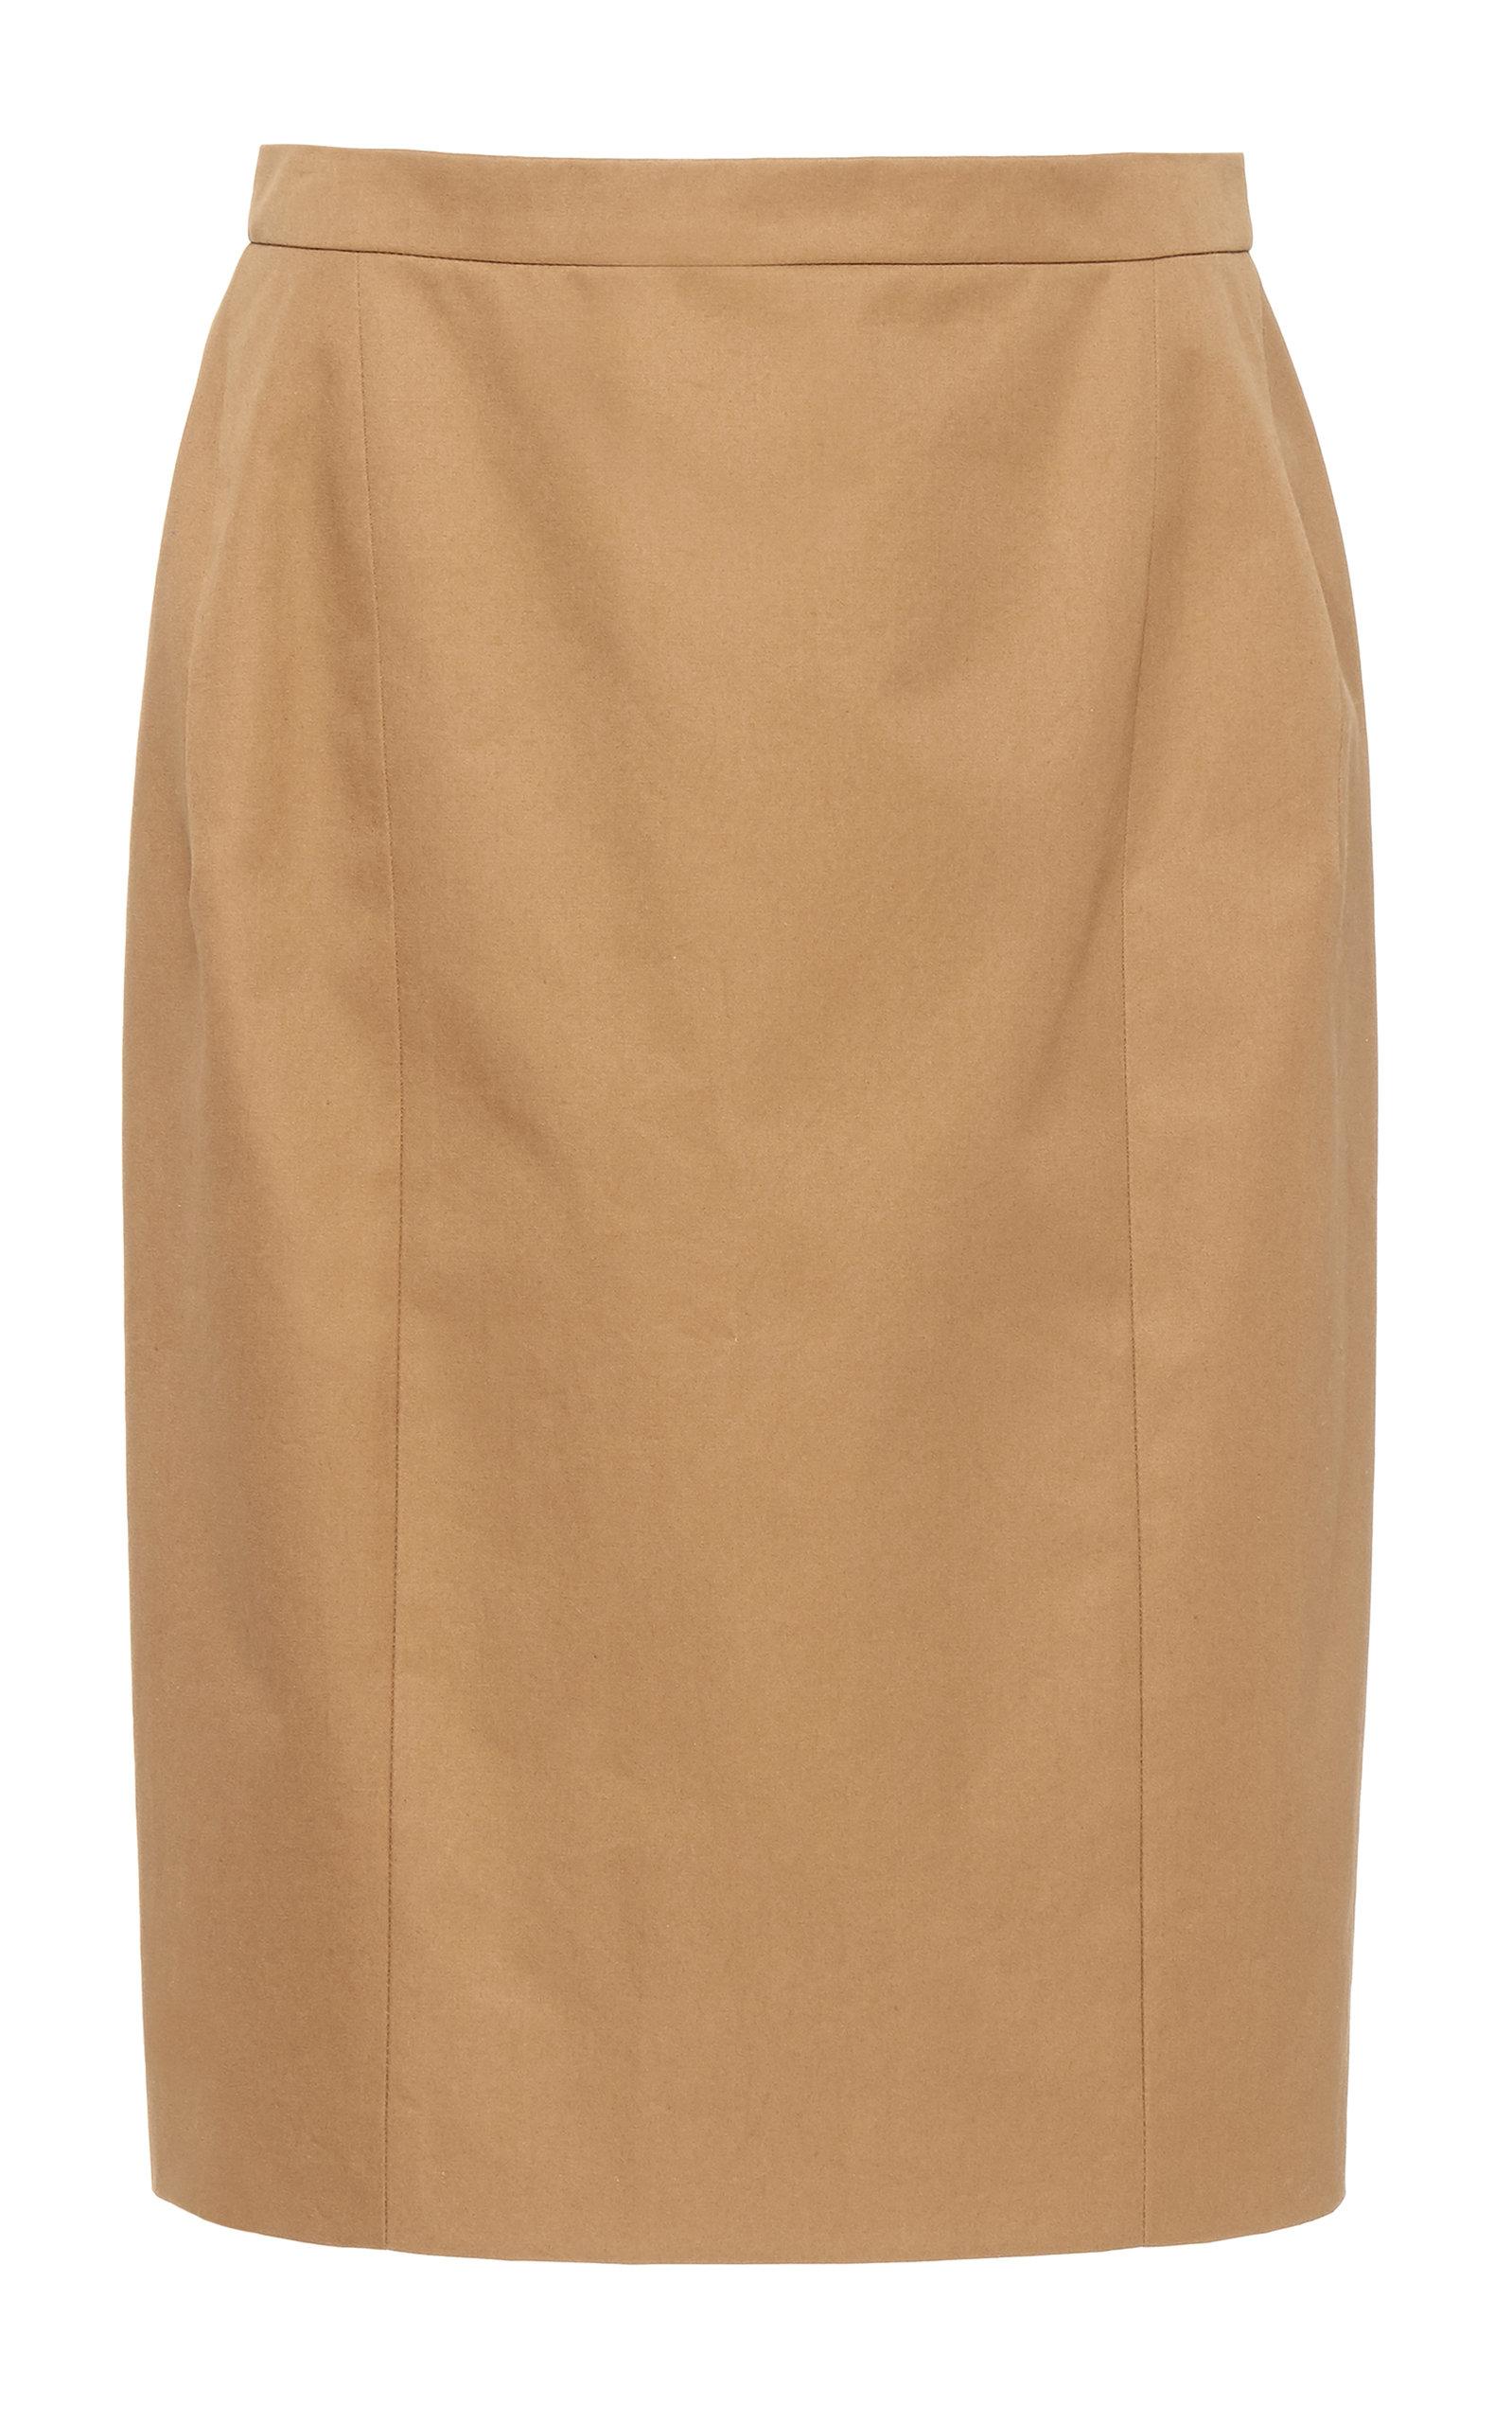 Delpozo | DELPOZO Cotton-Twill Pencil Skirt | Clouty